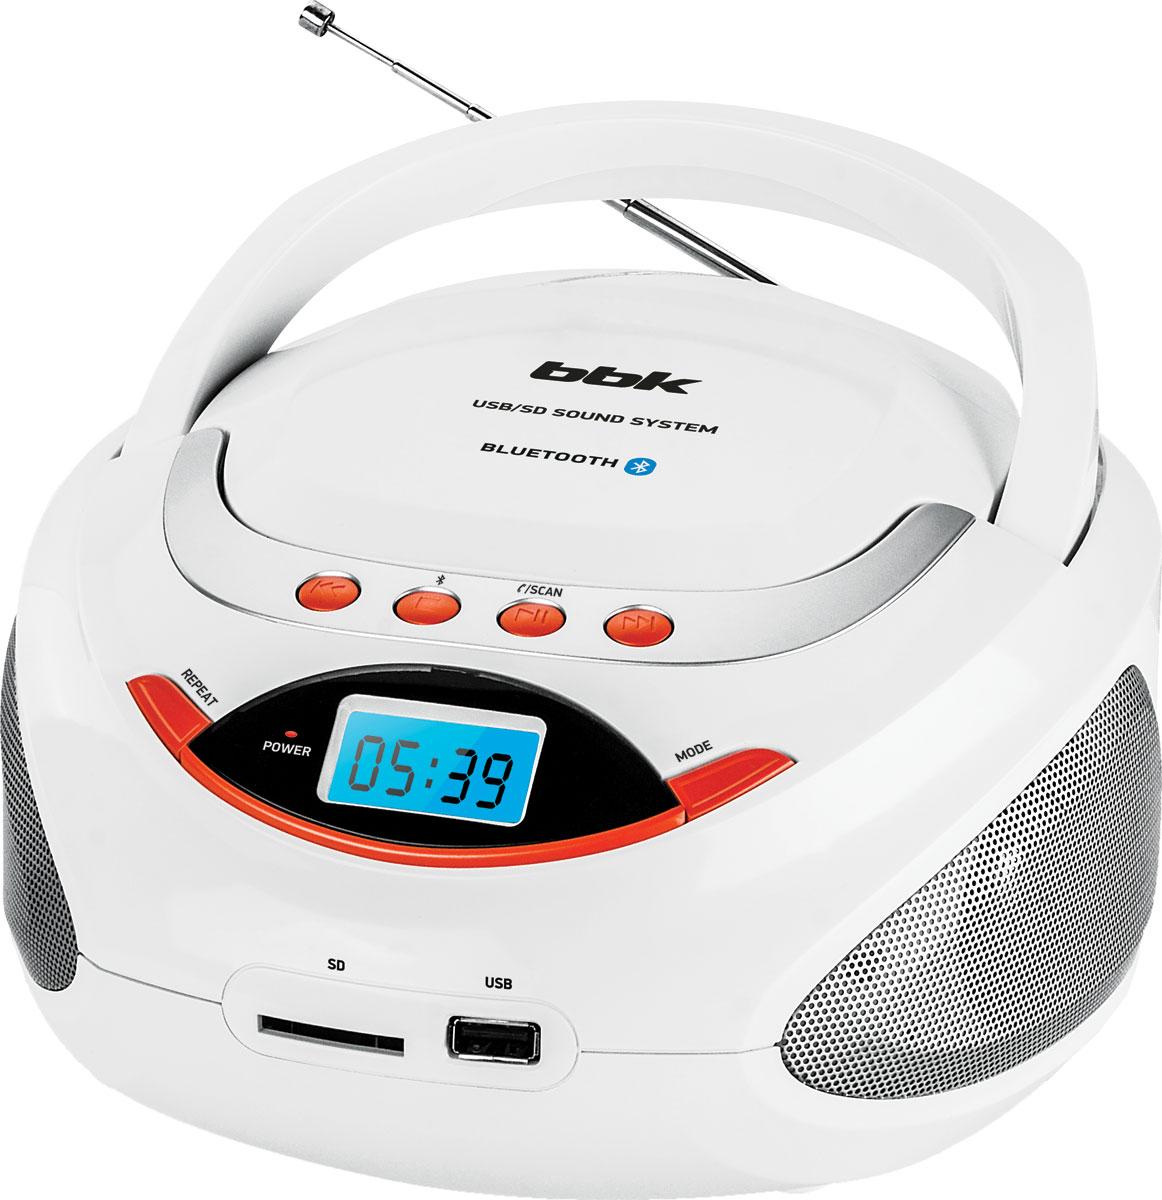 Магнитола BBK BS09BT, White Orange USB/SD BBK